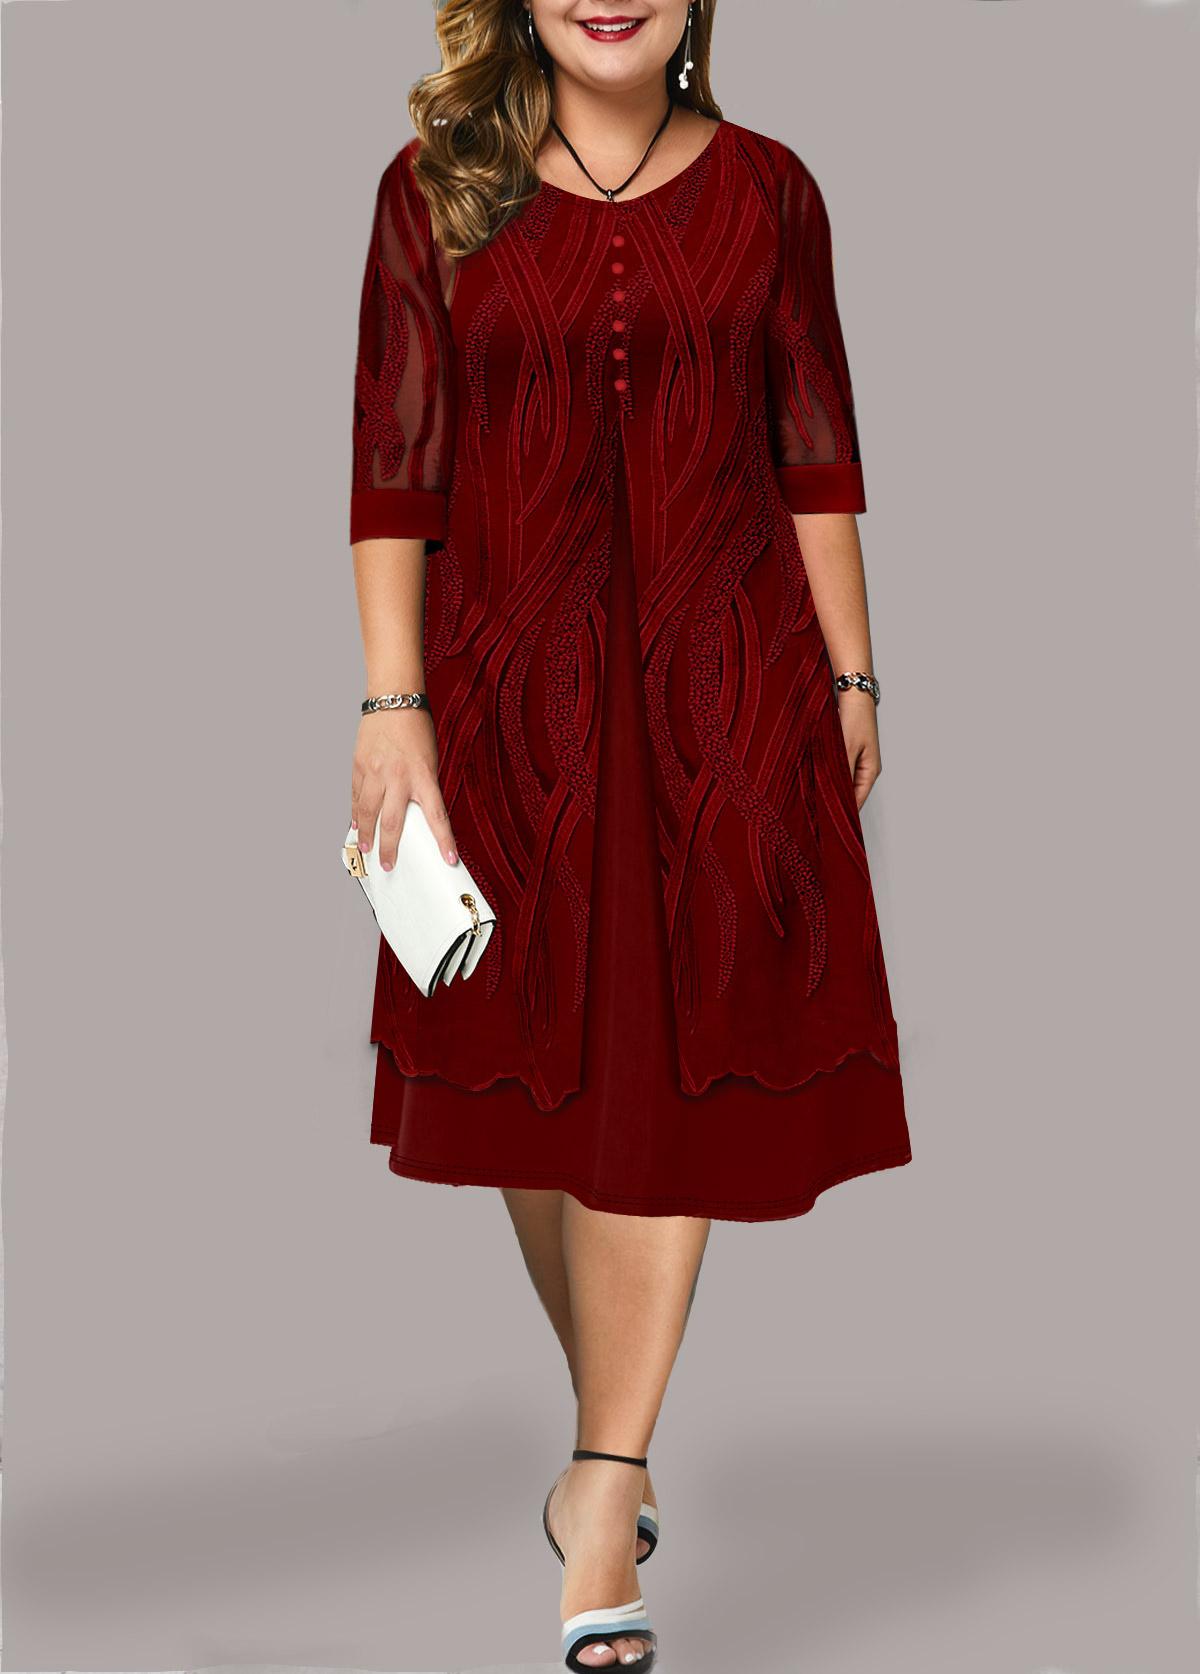 Lace Panel Plus Size Faux Two Piece Dress